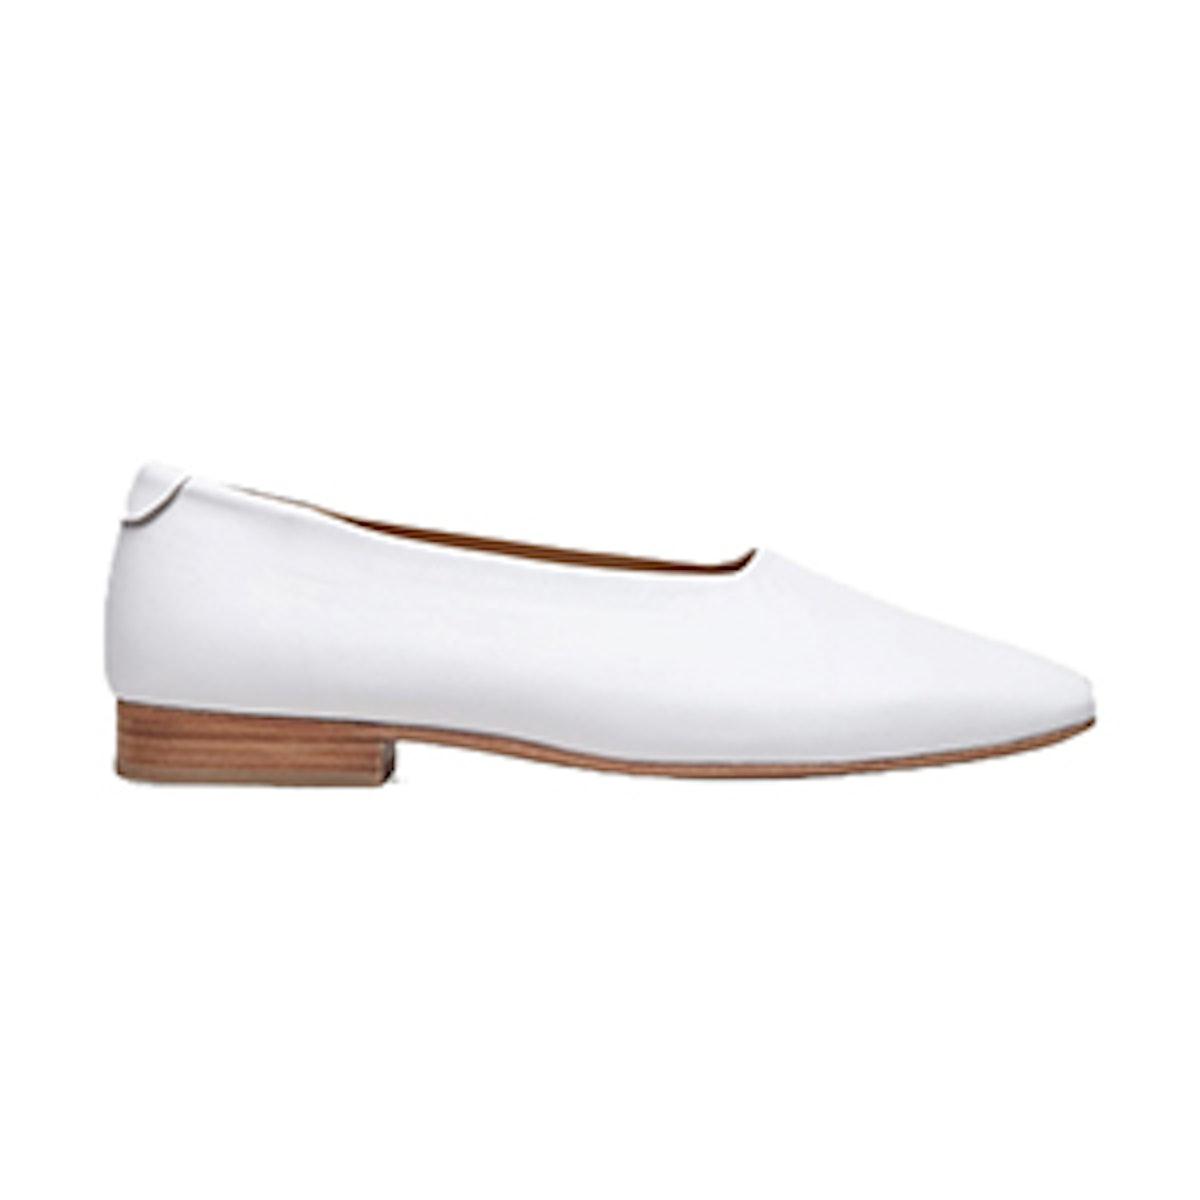 Square-Toe Slip-On Shoes